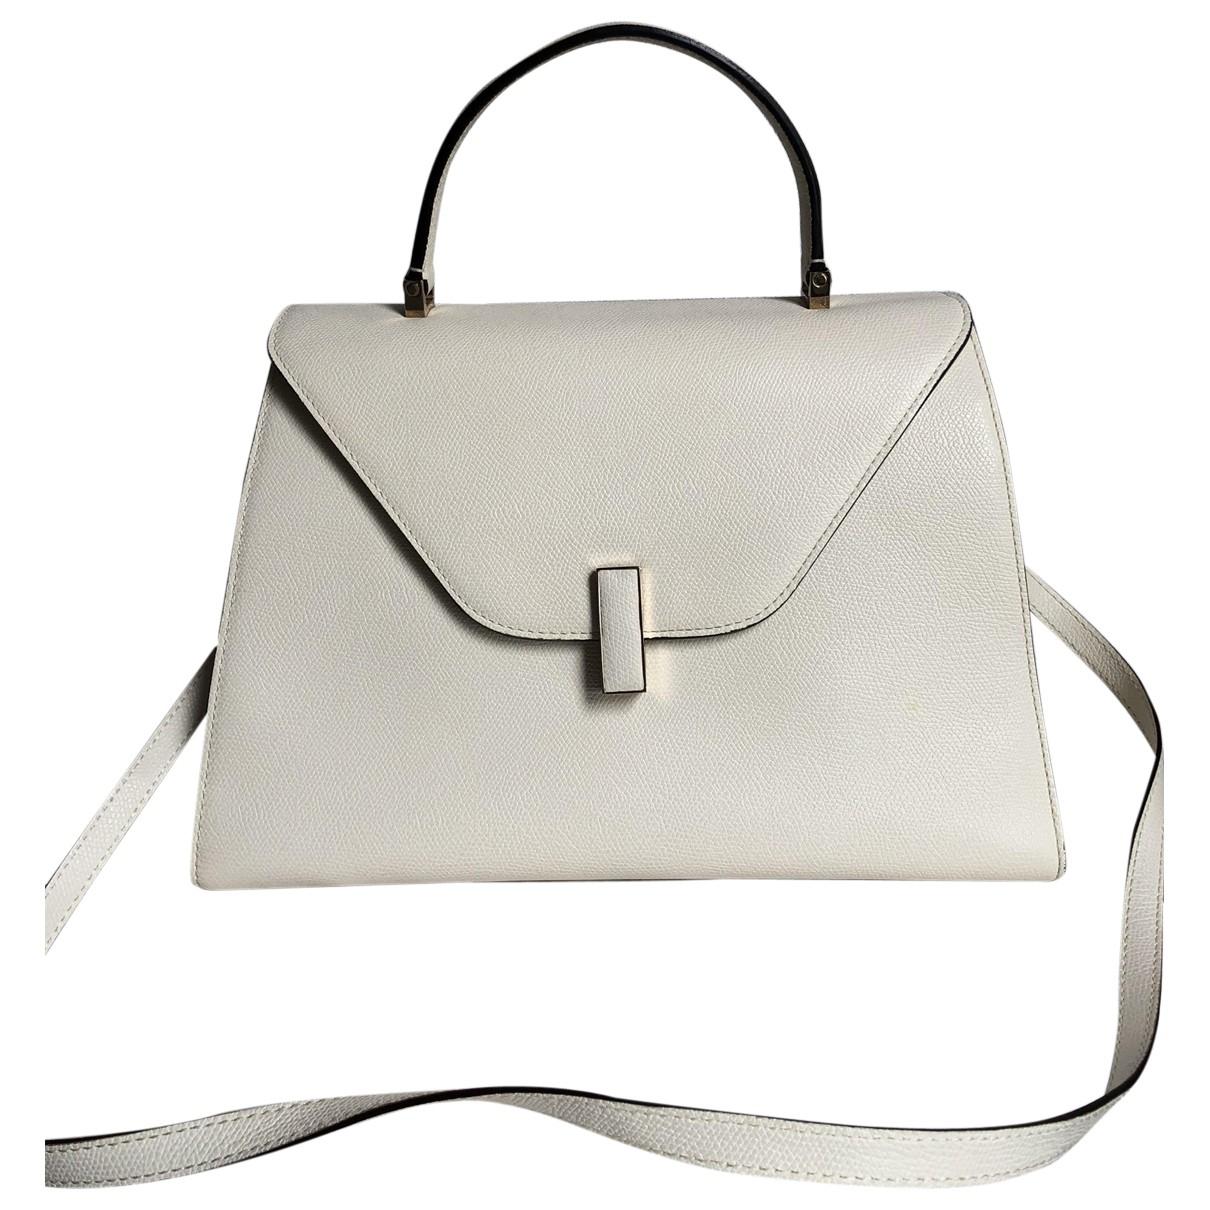 Valextra Iside Handtasche in  Weiss Leder